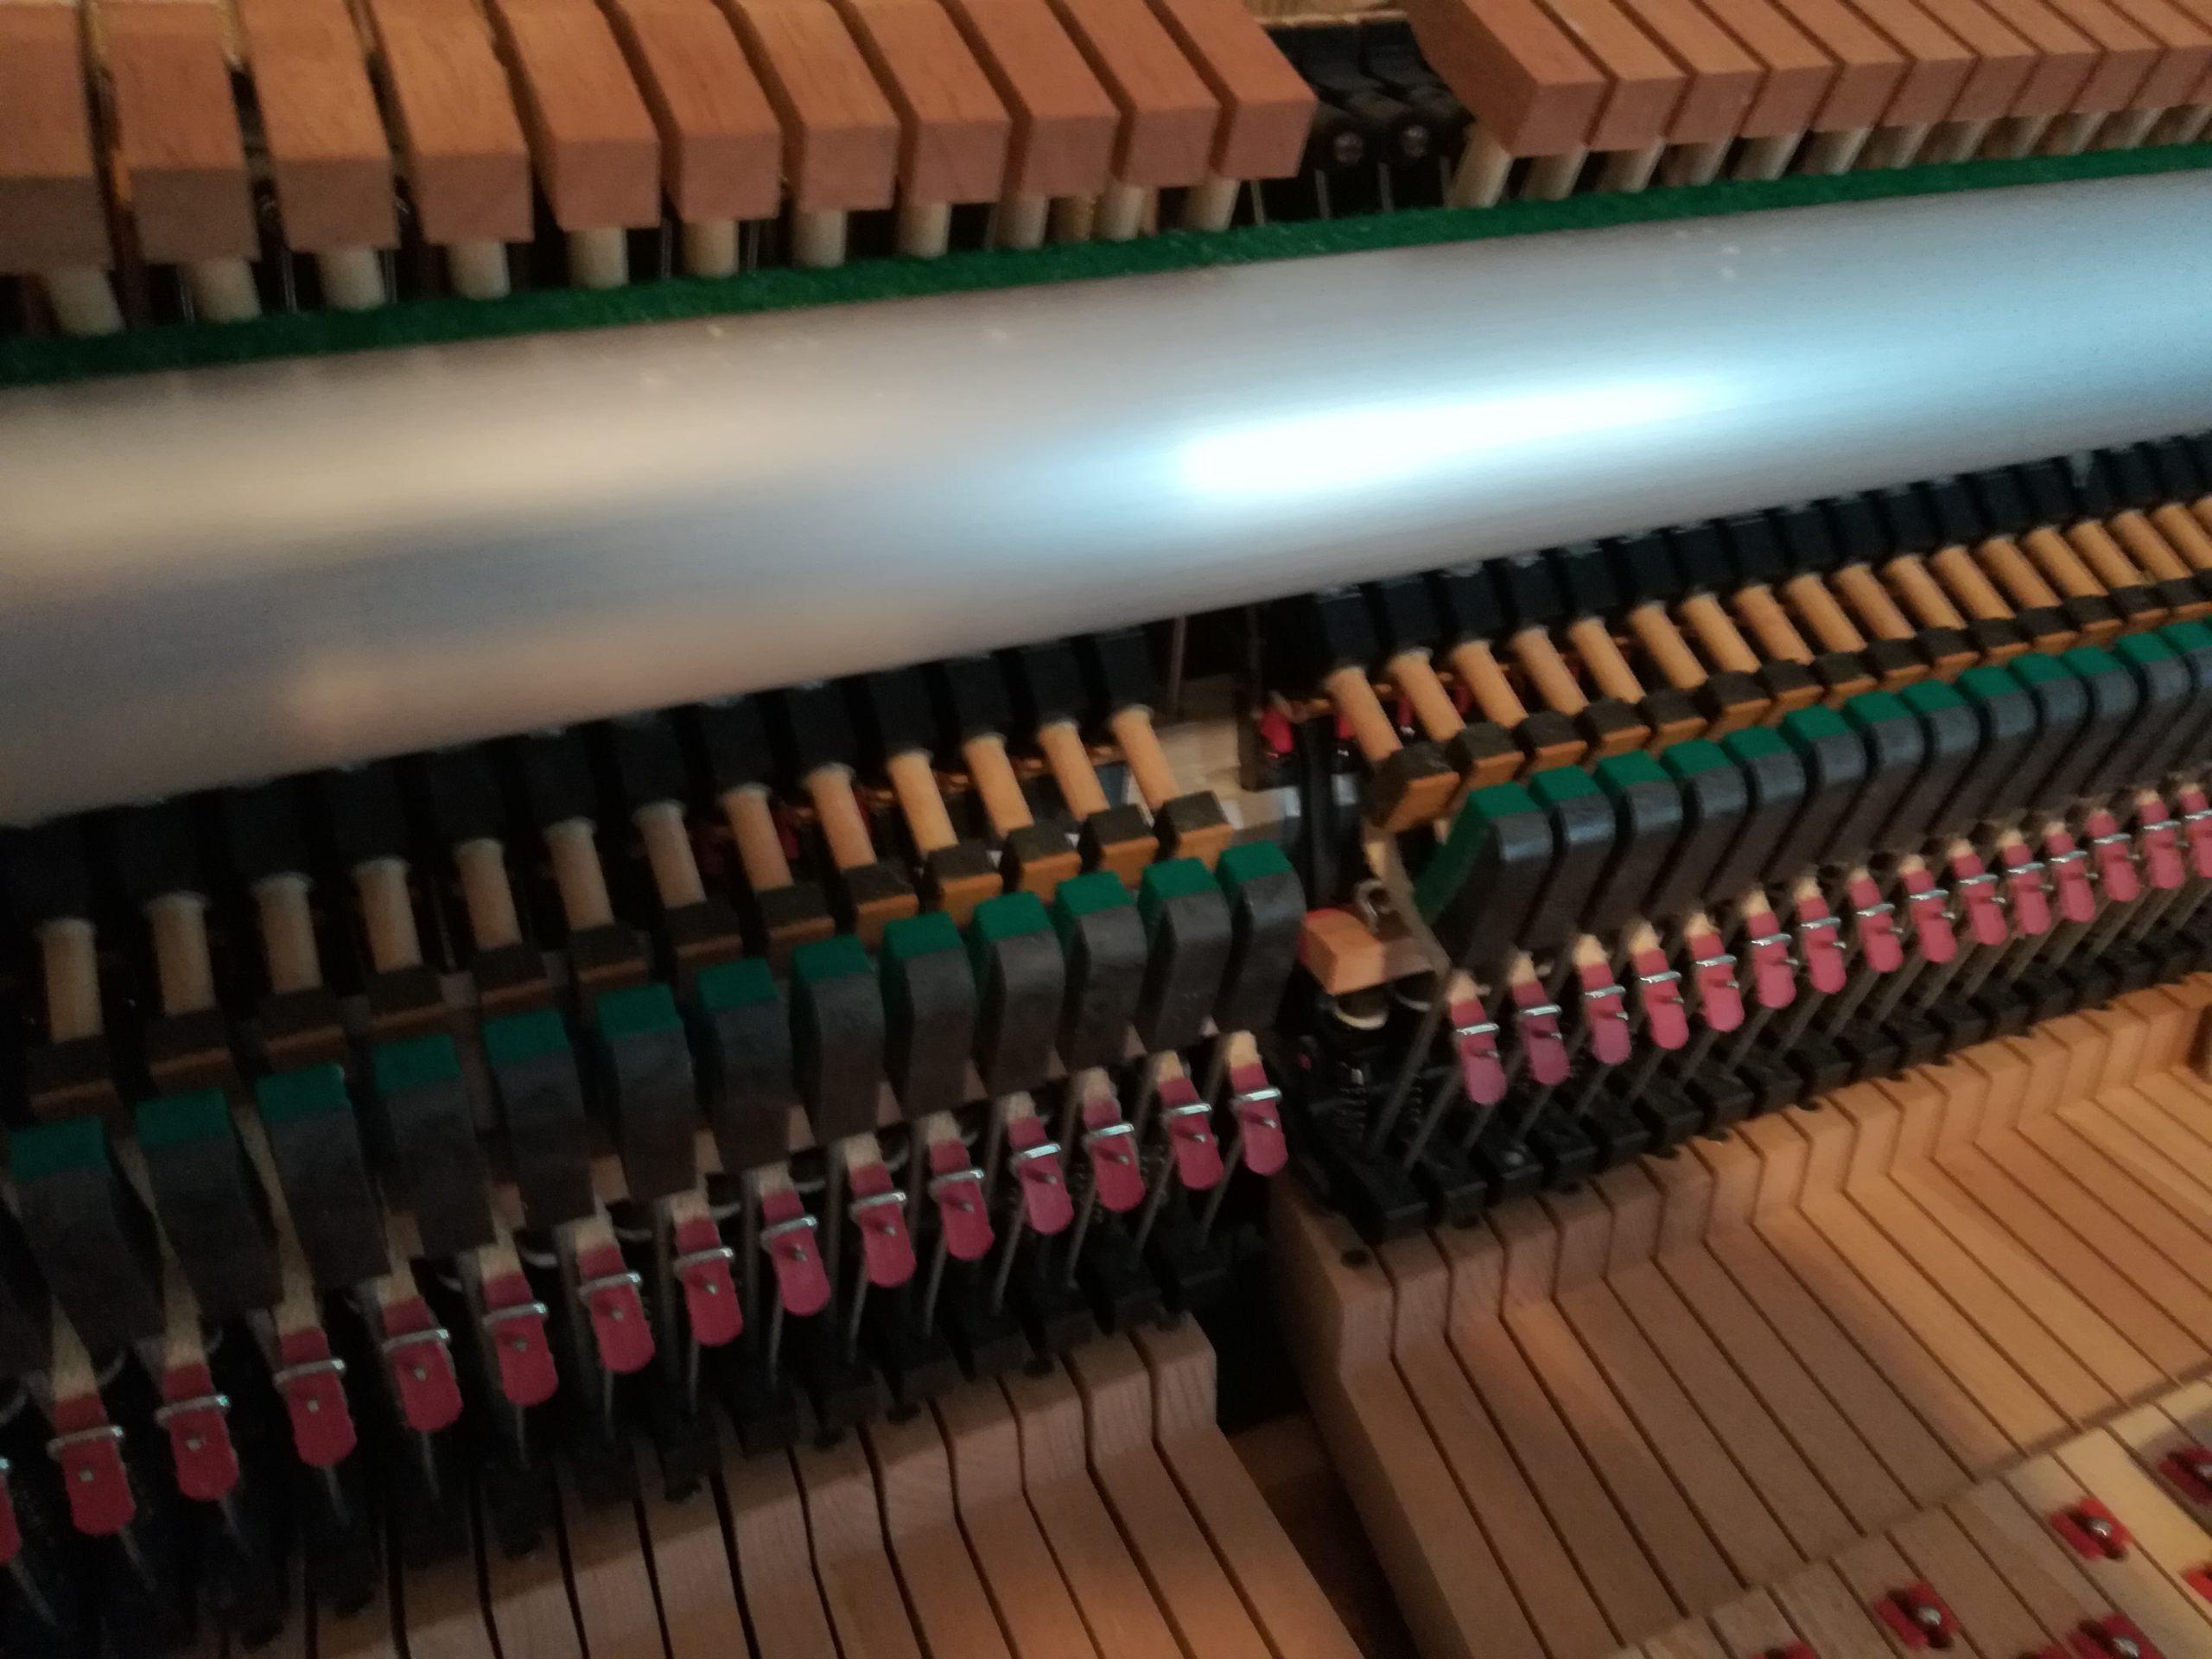 篠栗町のピアノ調律・中古ピアノ販売・修理・移動・買取 | 古川ピアノ